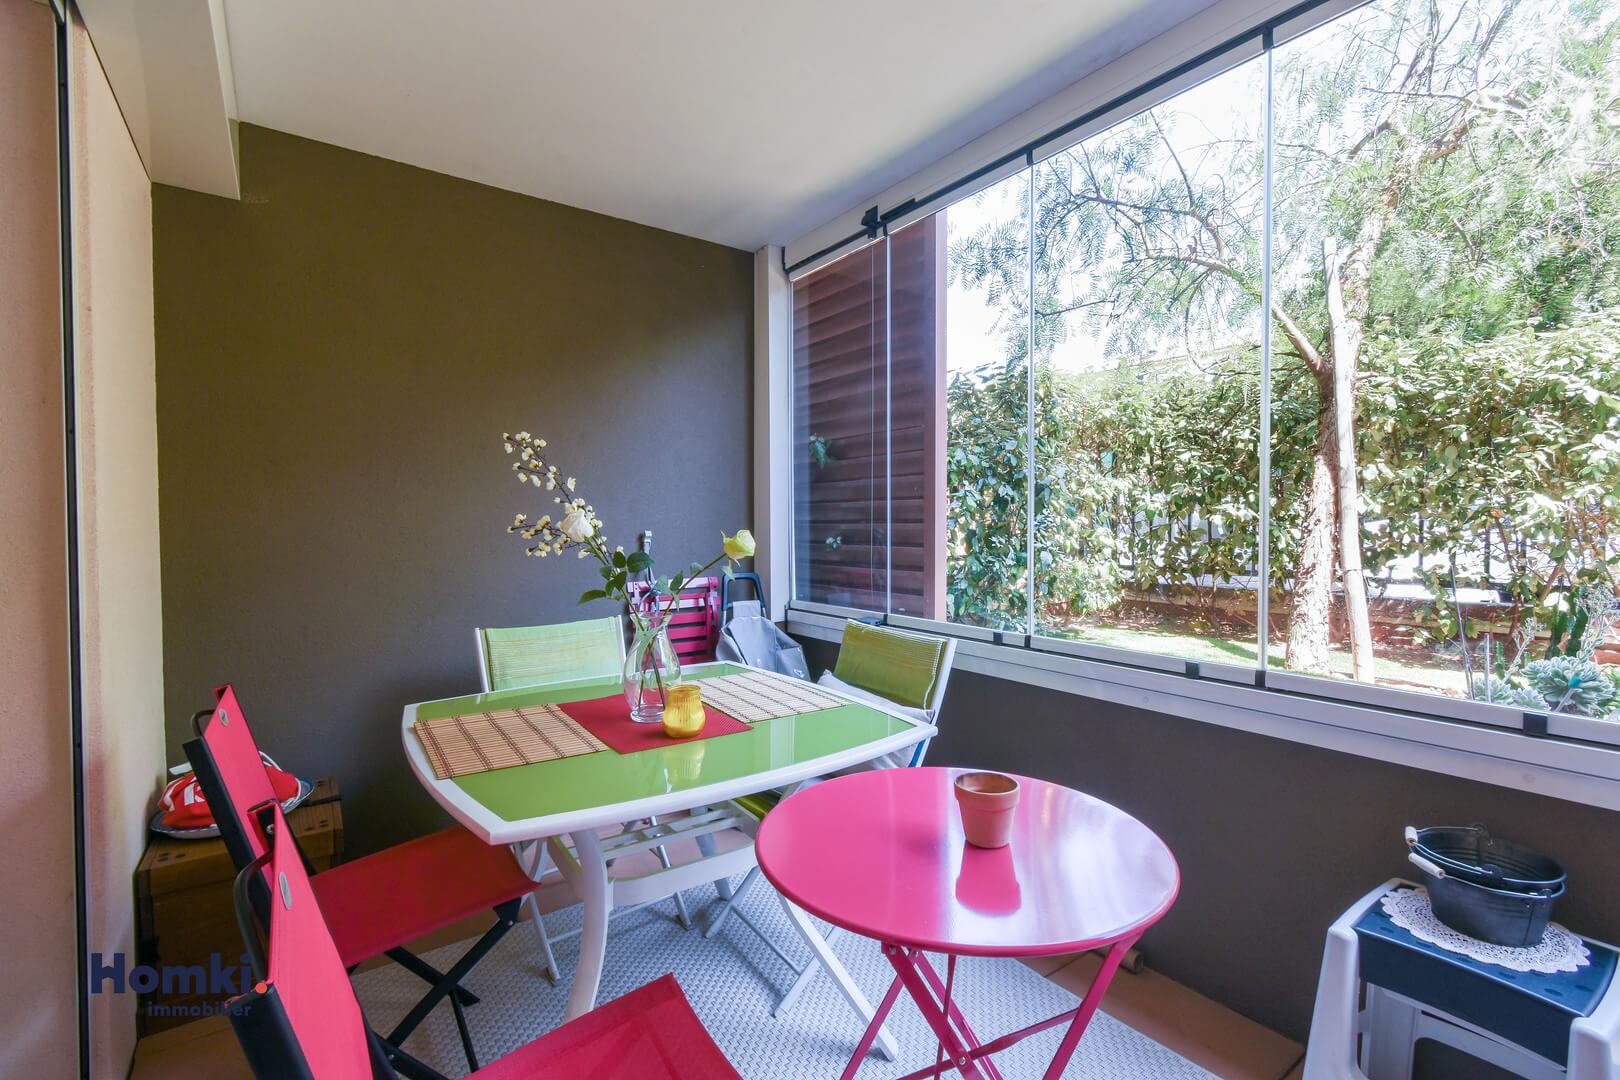 Vente appartement Saint Raphael T3 83700_10